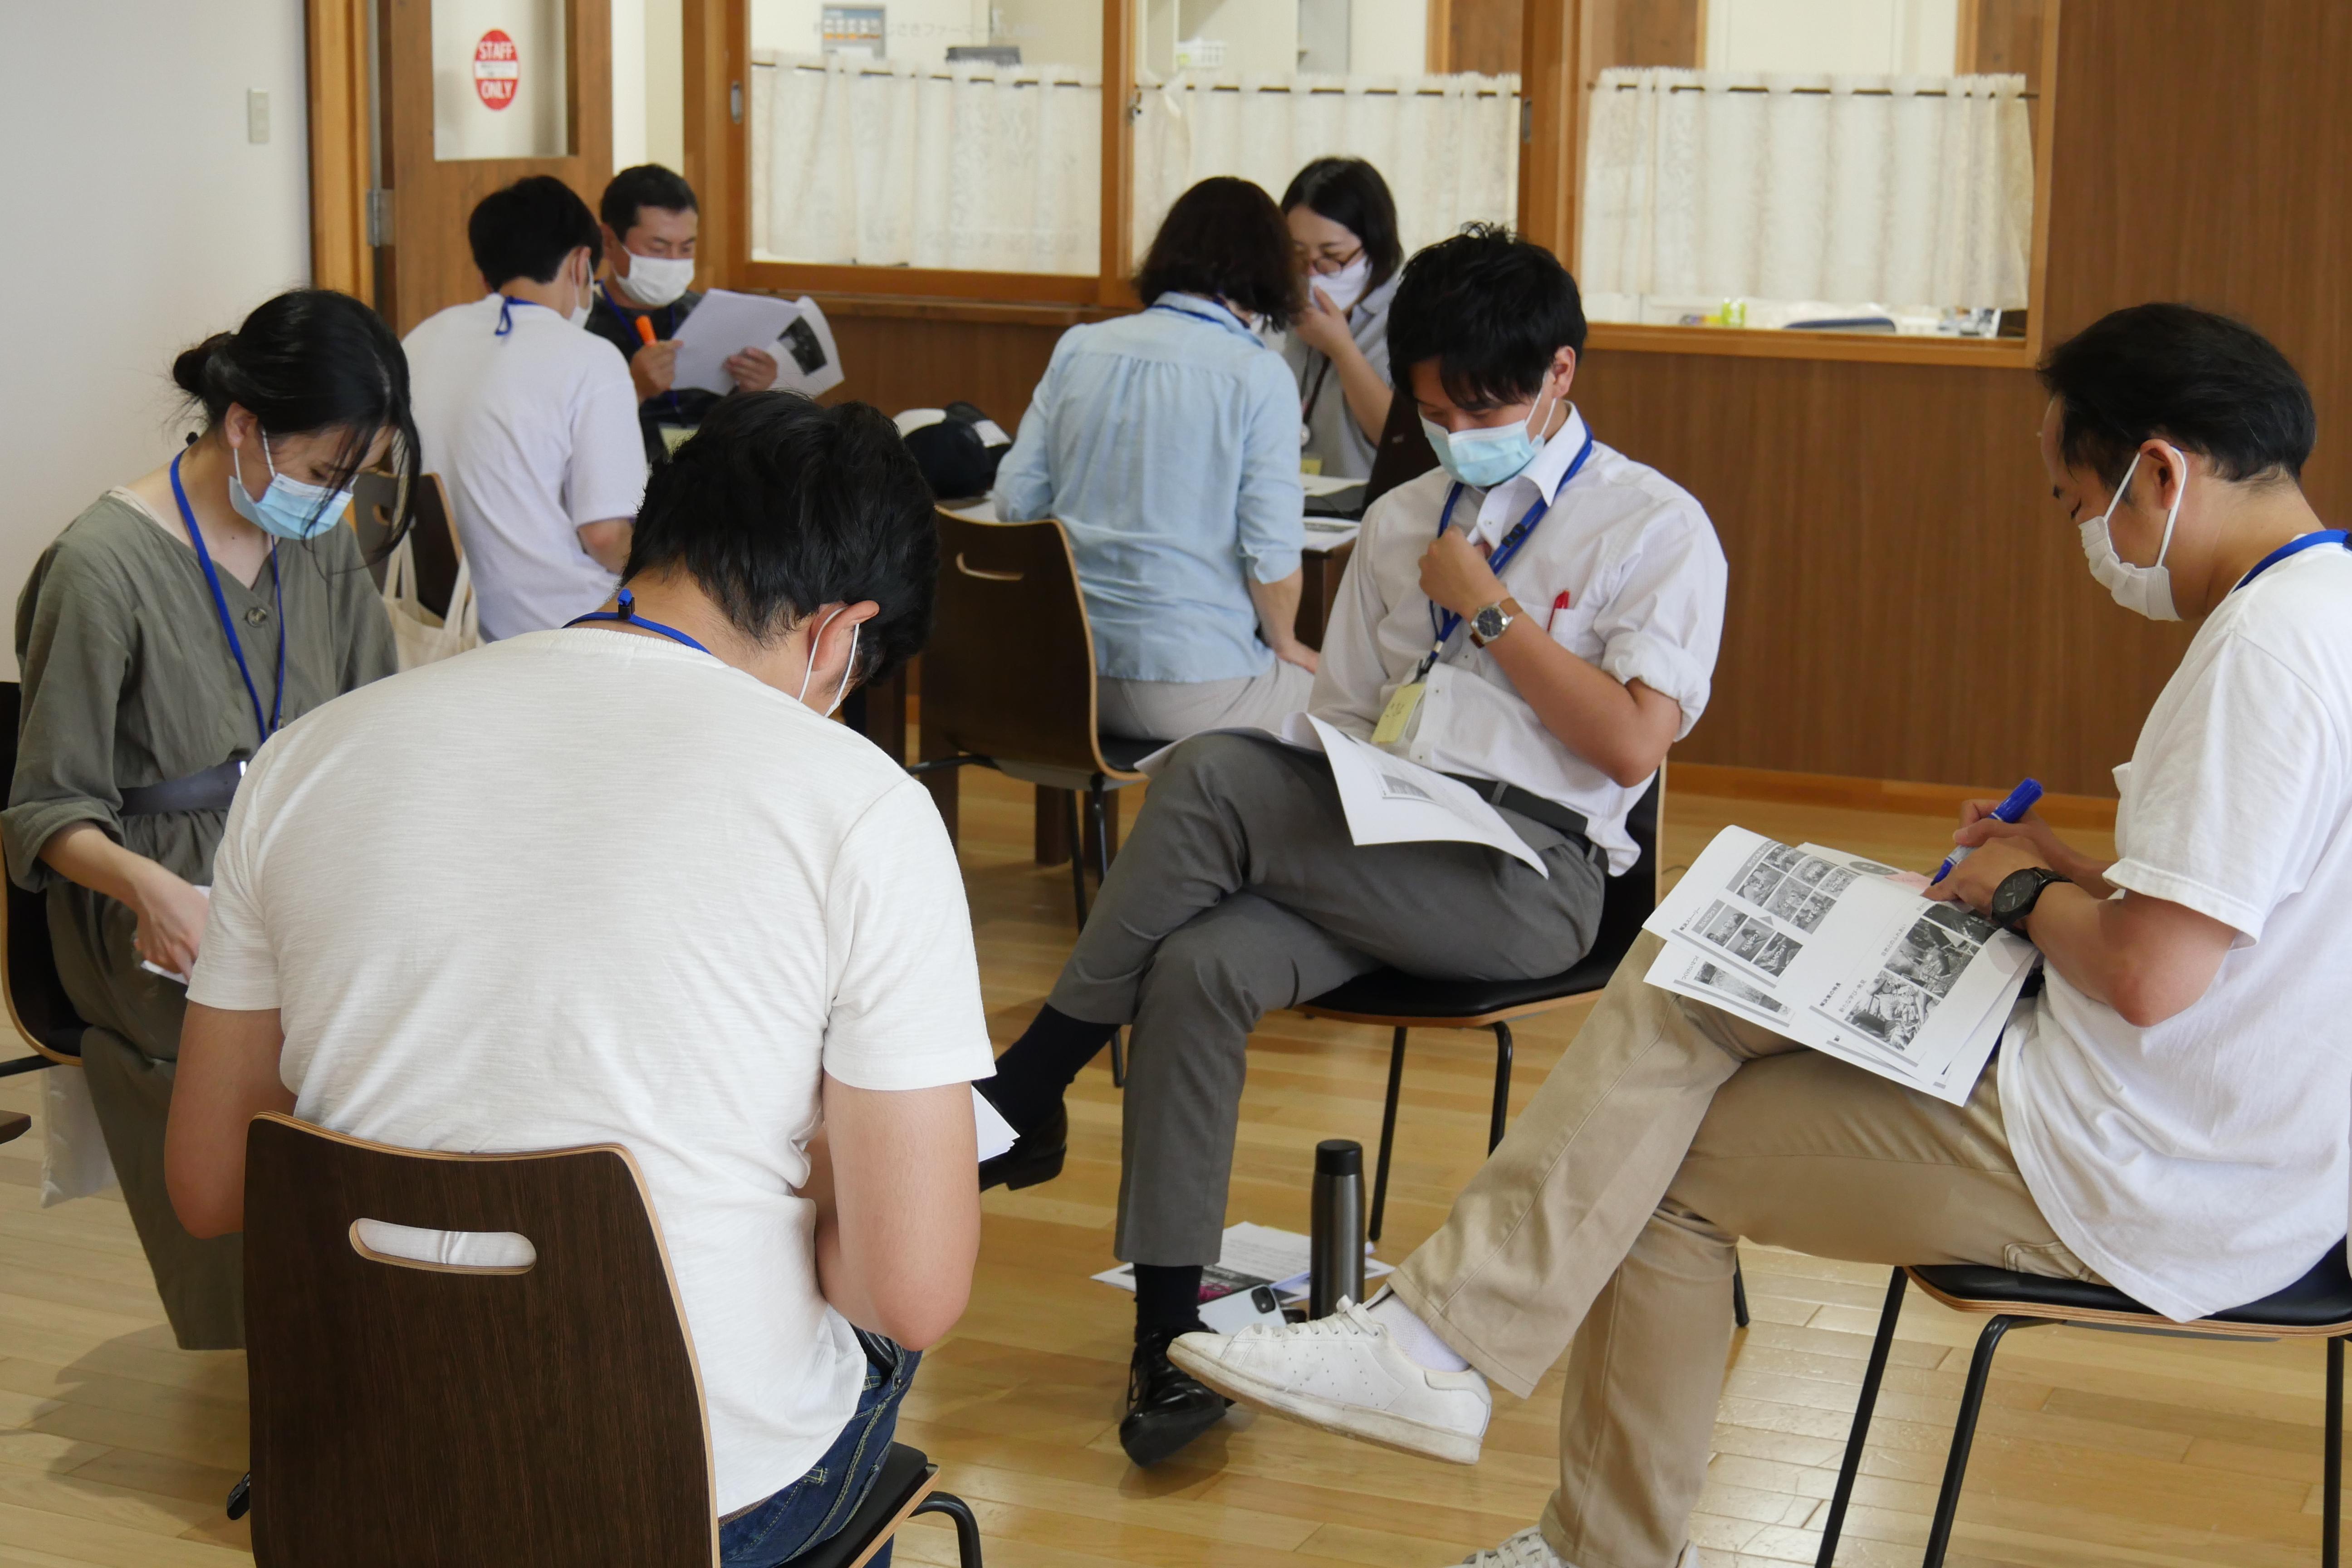 【藤崎町 未来志向の地域デザインプロジェクト 2020】リプランニング 企画計画確認<チーム合同>